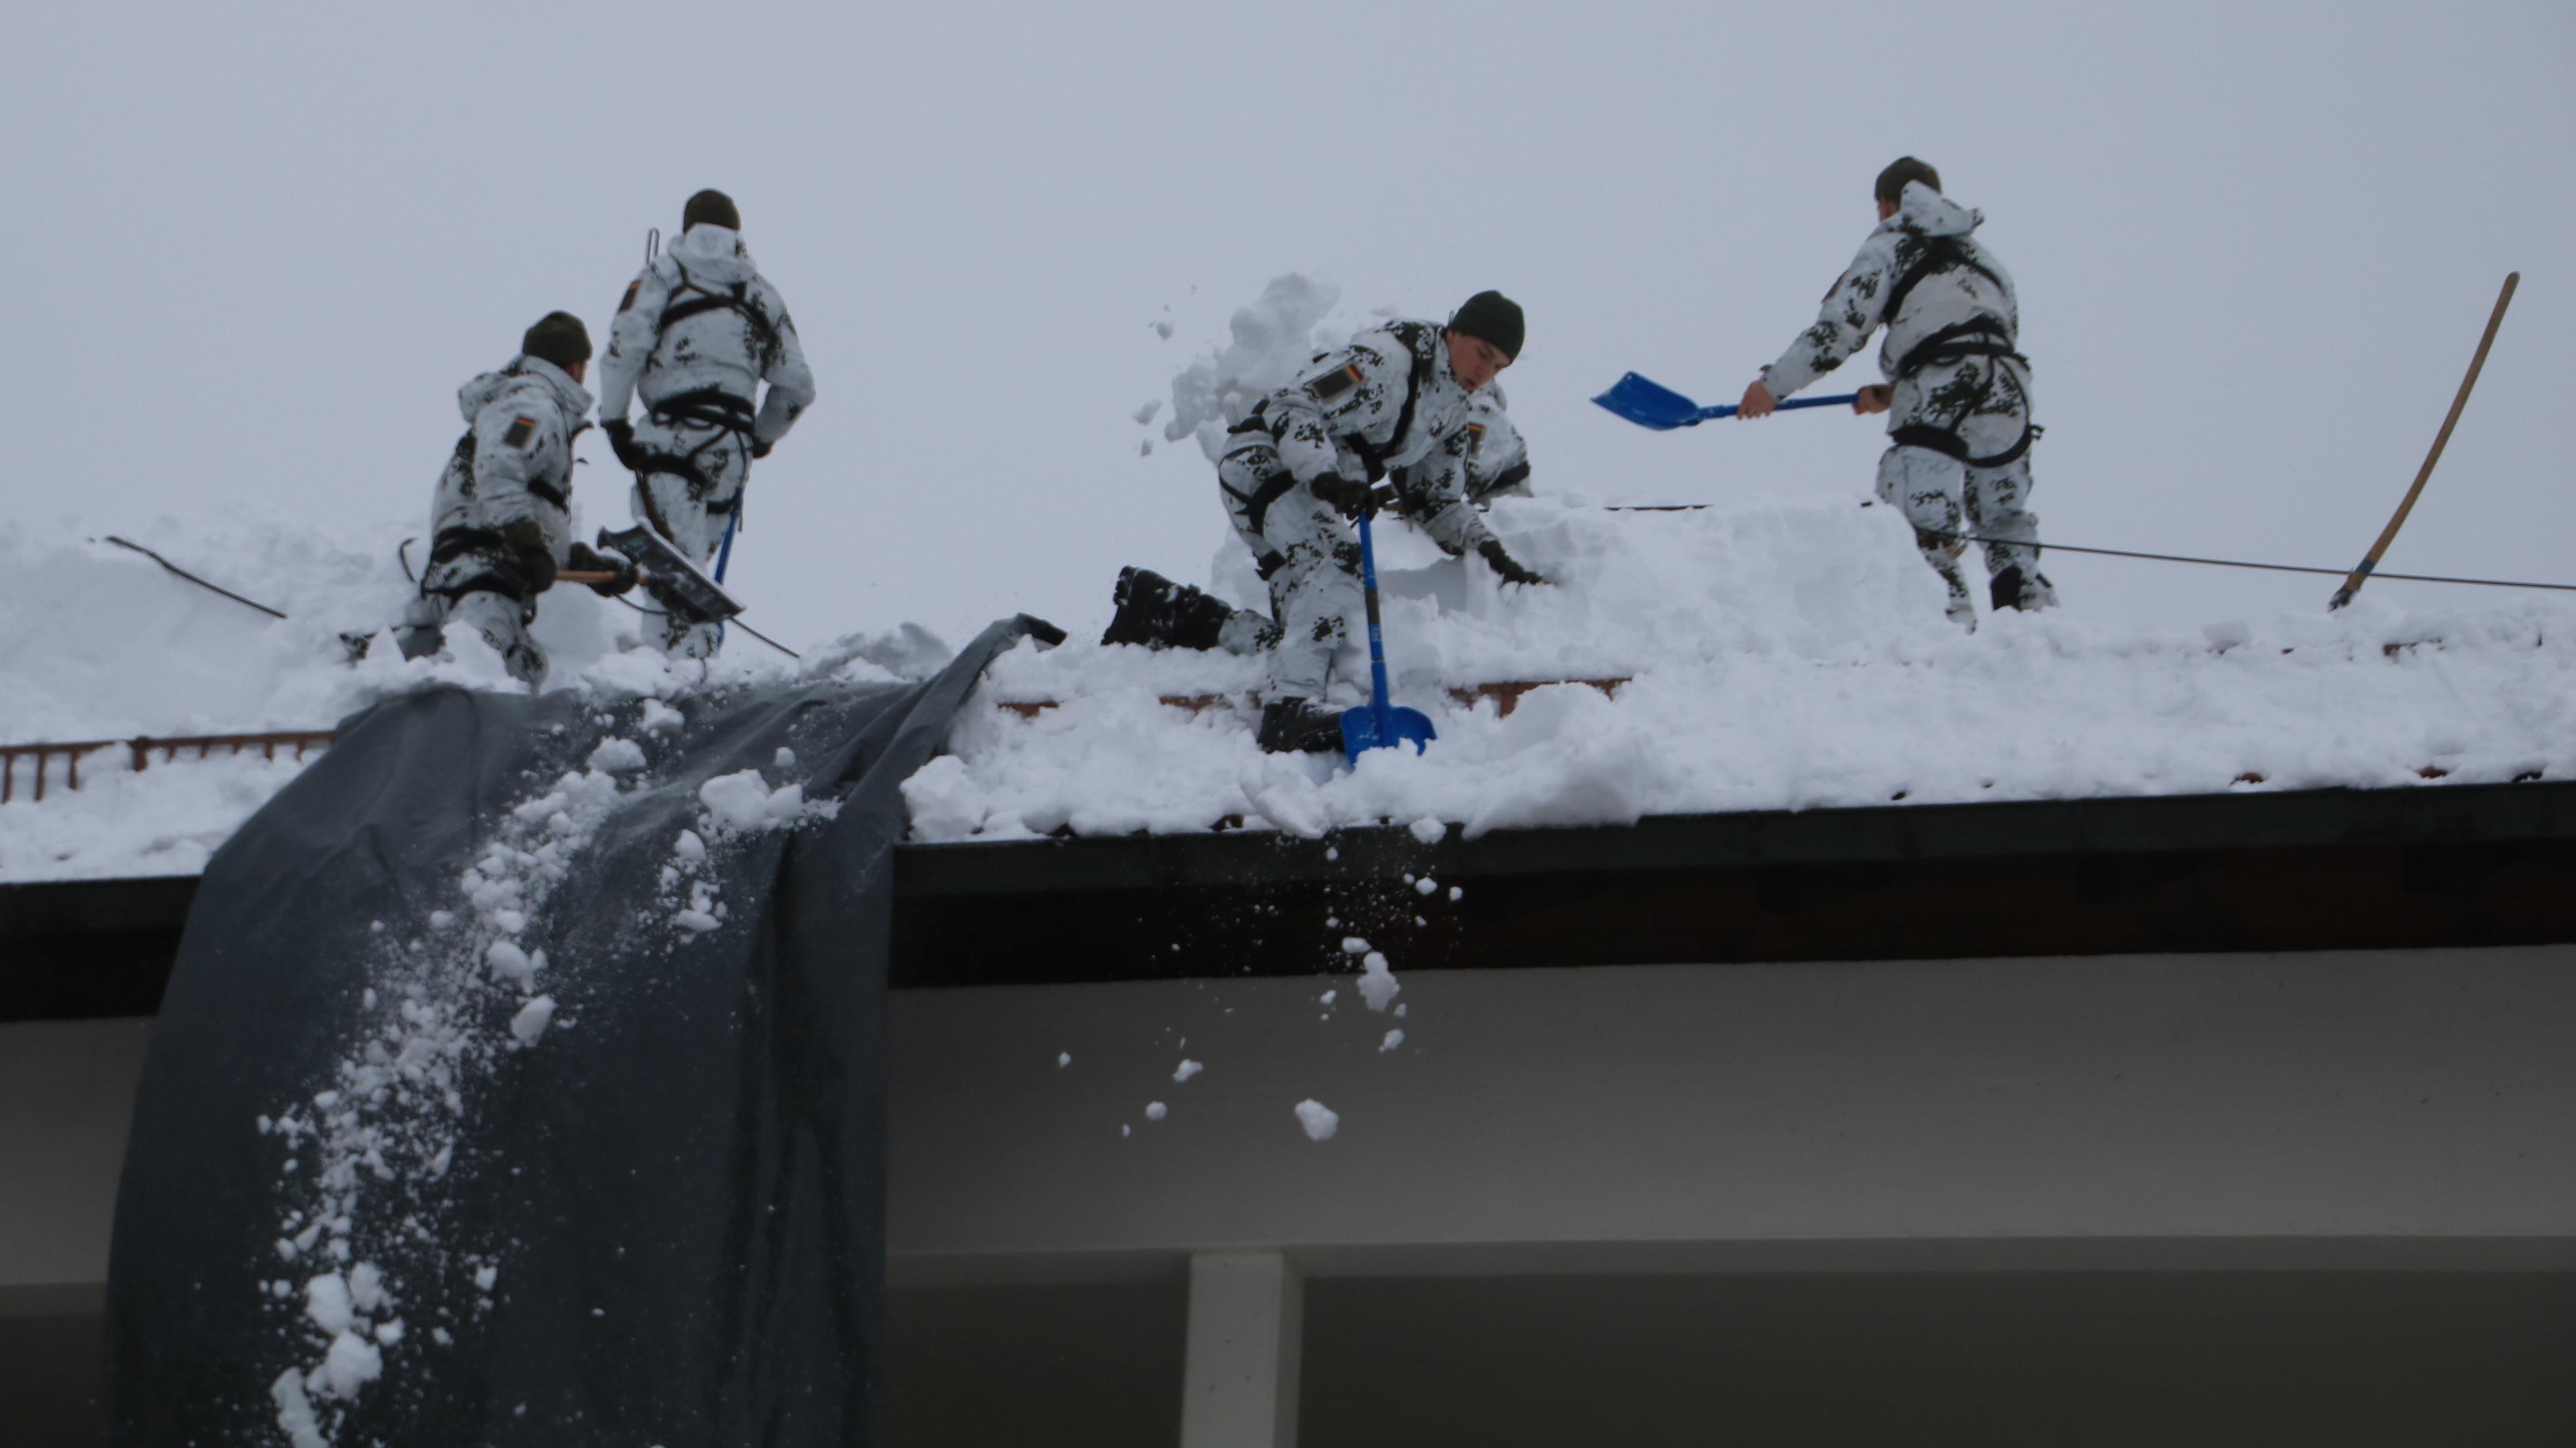 Soldaten des Gebirgsjägerbataillons 233 befreien ein Dach vom Schnee in Bad Heilbrunn im Landkreis Bad Tölz-Wolfratshausen.